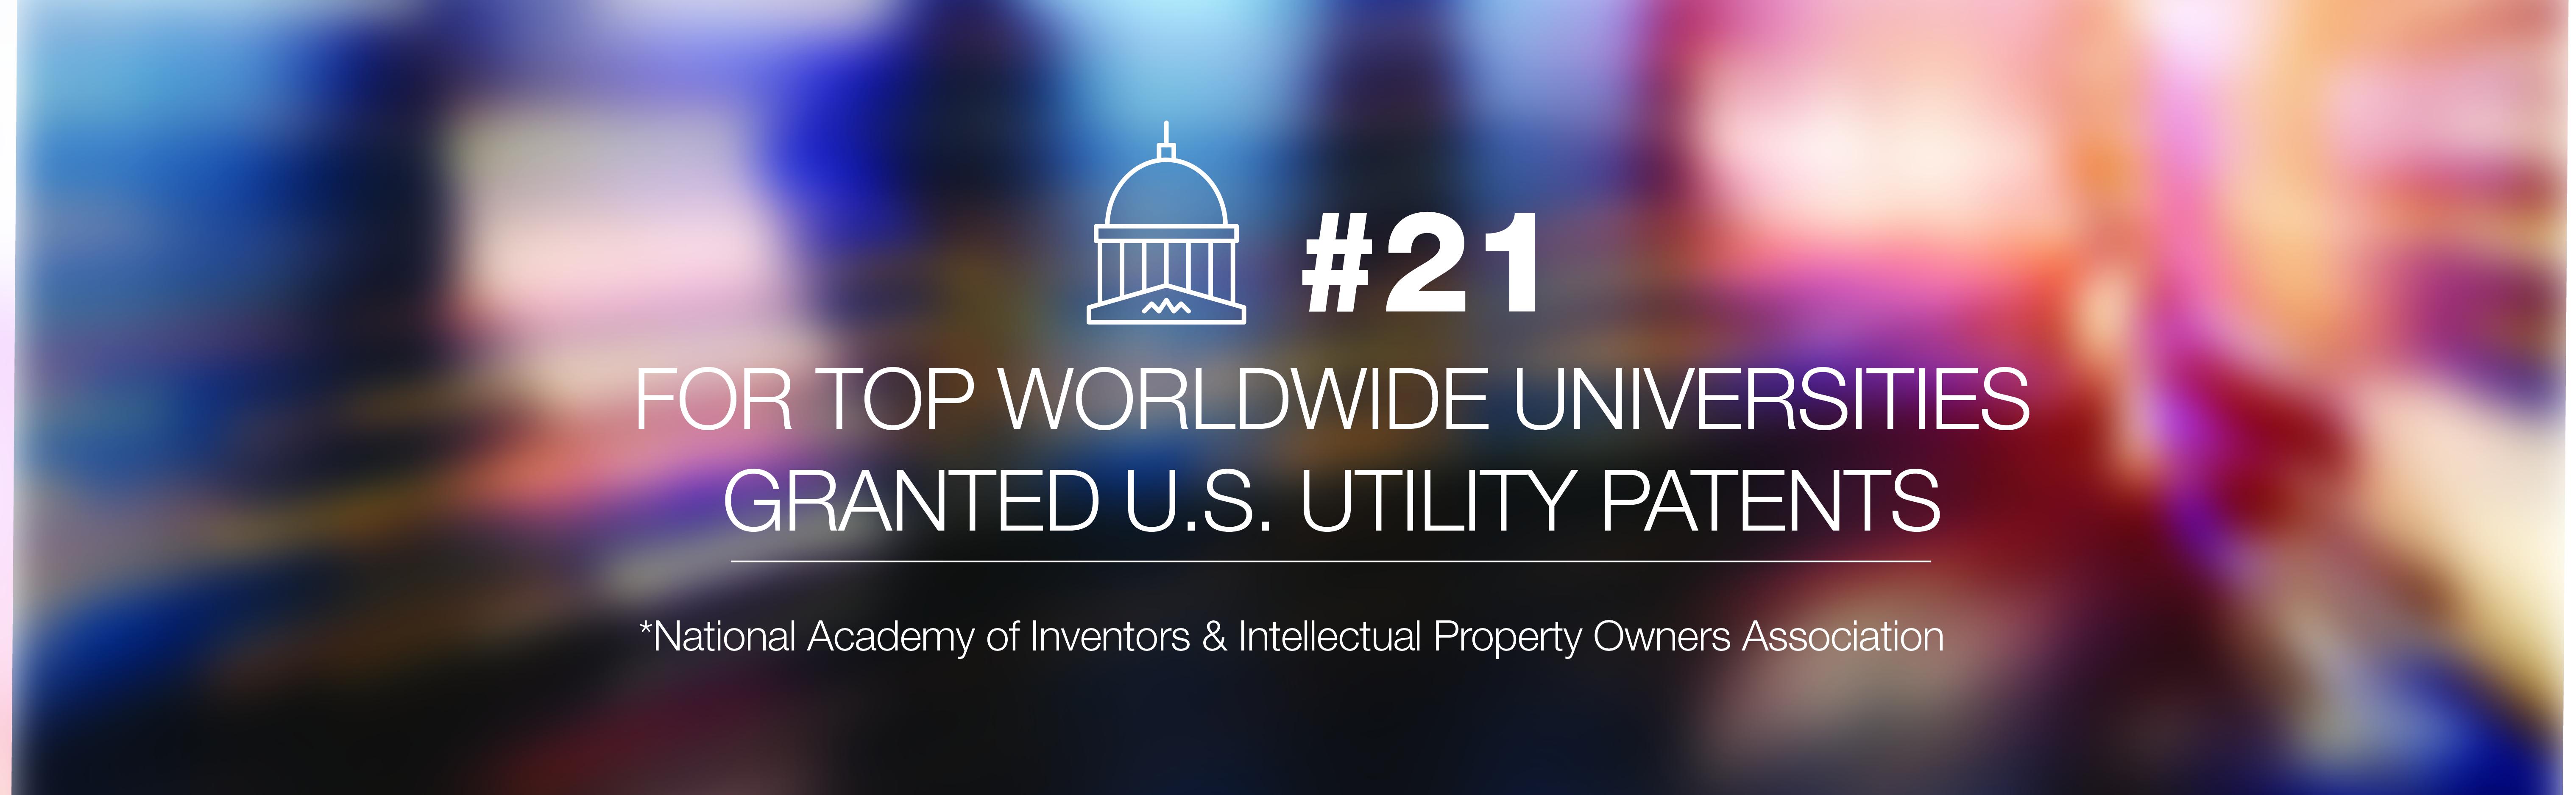 300-21 Patent Ranking Showcase 2018-2.jpg